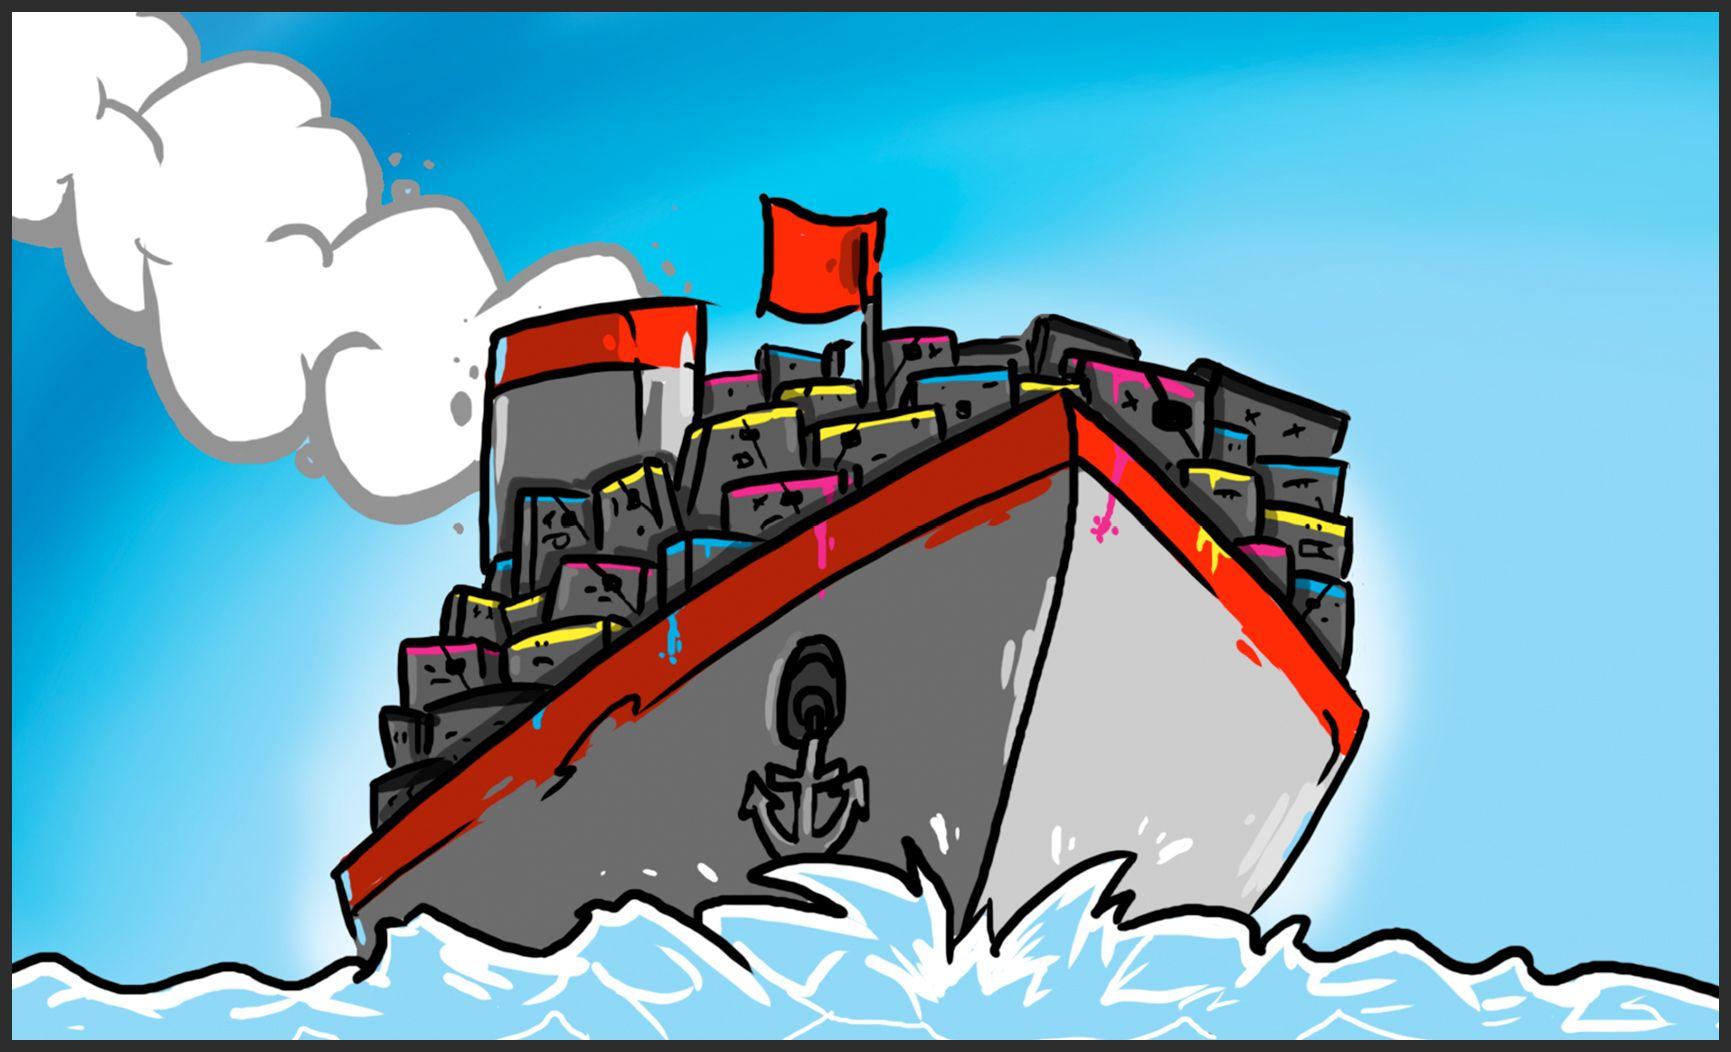 gemaltes Containerschiff auf Ozean mit Druckerpatronen an Bord